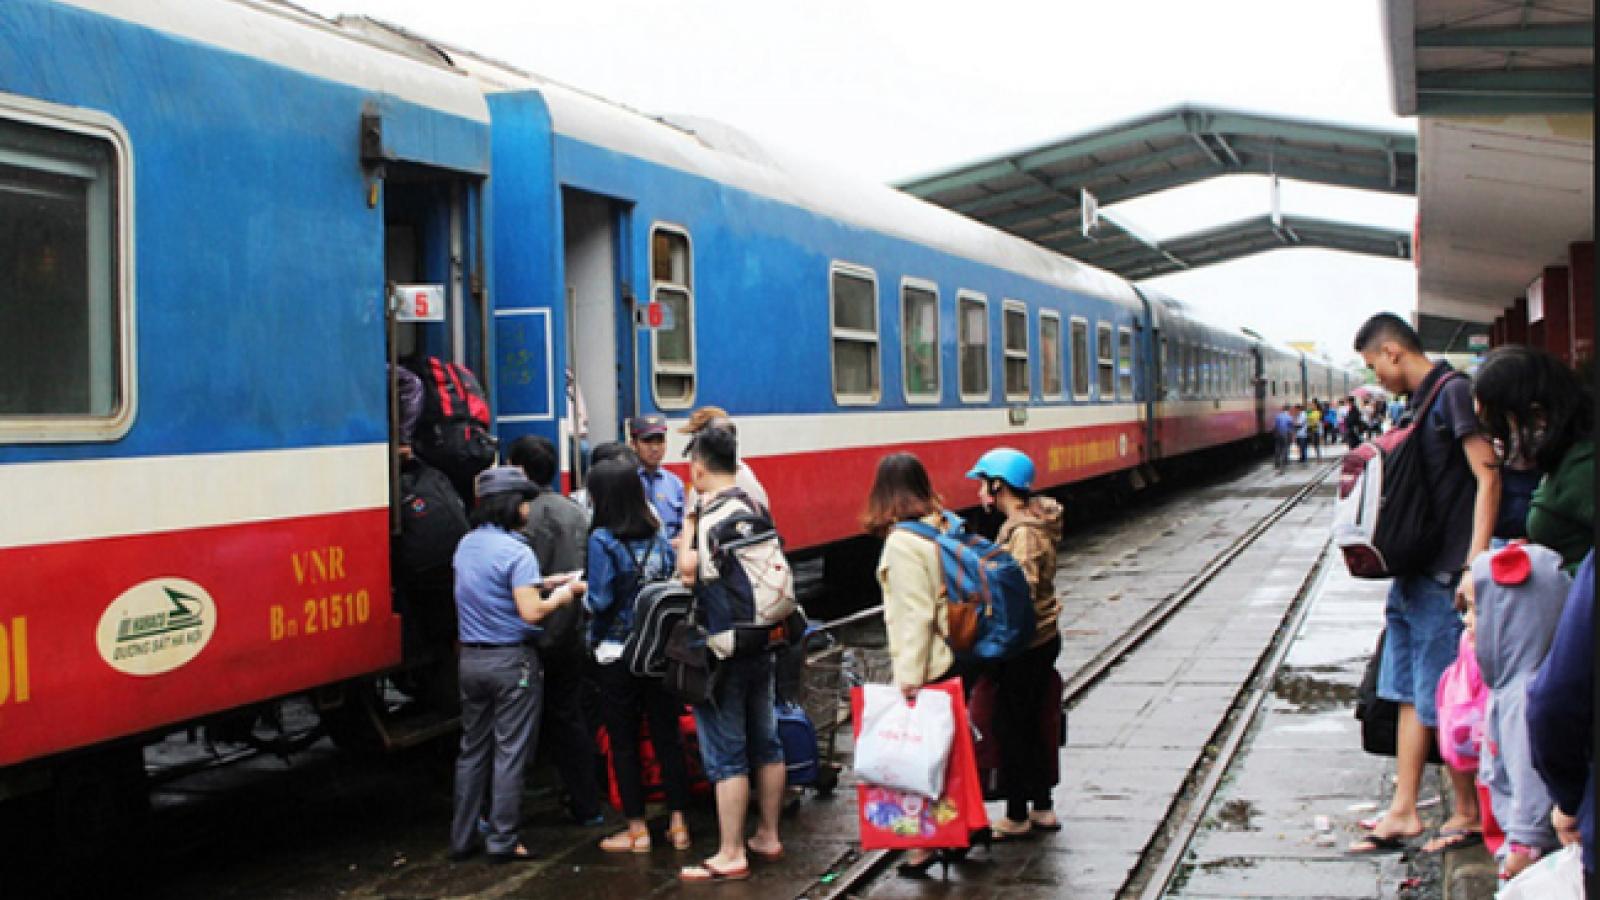 Hành khách đi tàu đông, ngành đường sắt kiến nghị tăng chuyến